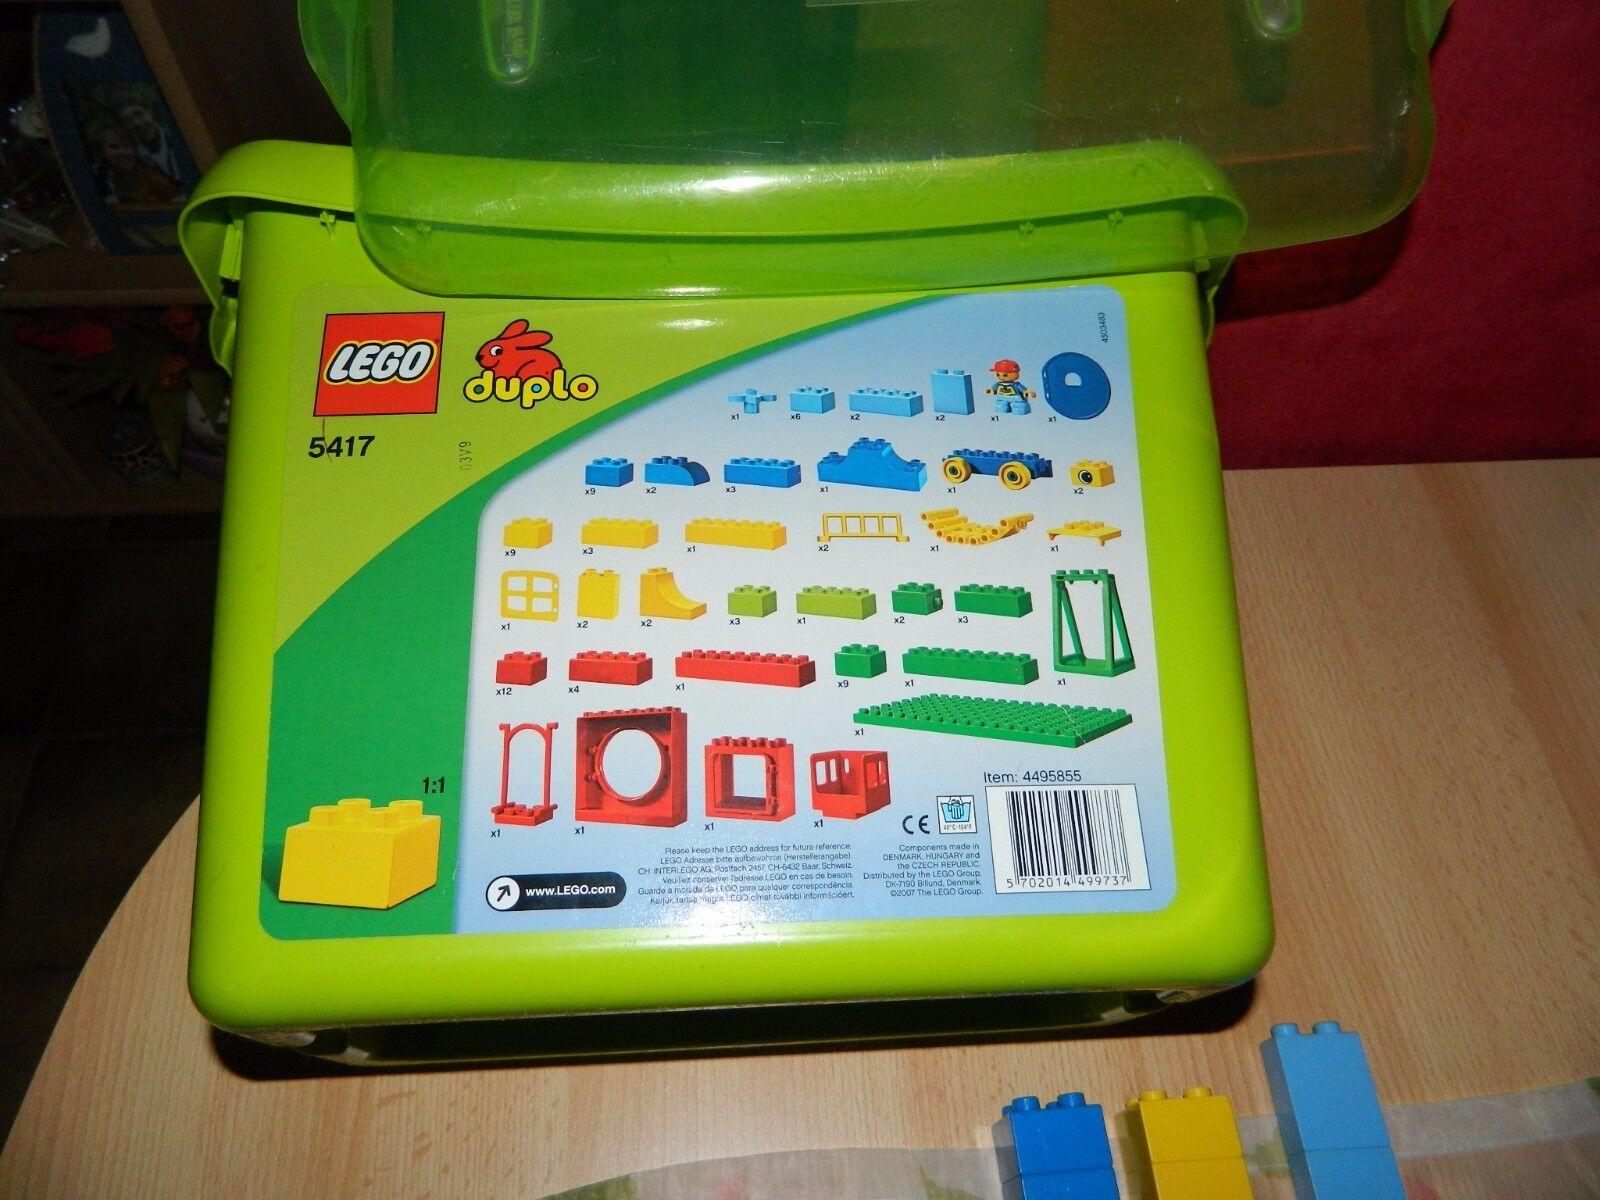 LEGO Duplo 5417 im Eimer plus 51teiliges Zoo Konvolut - sehr guter Zustand